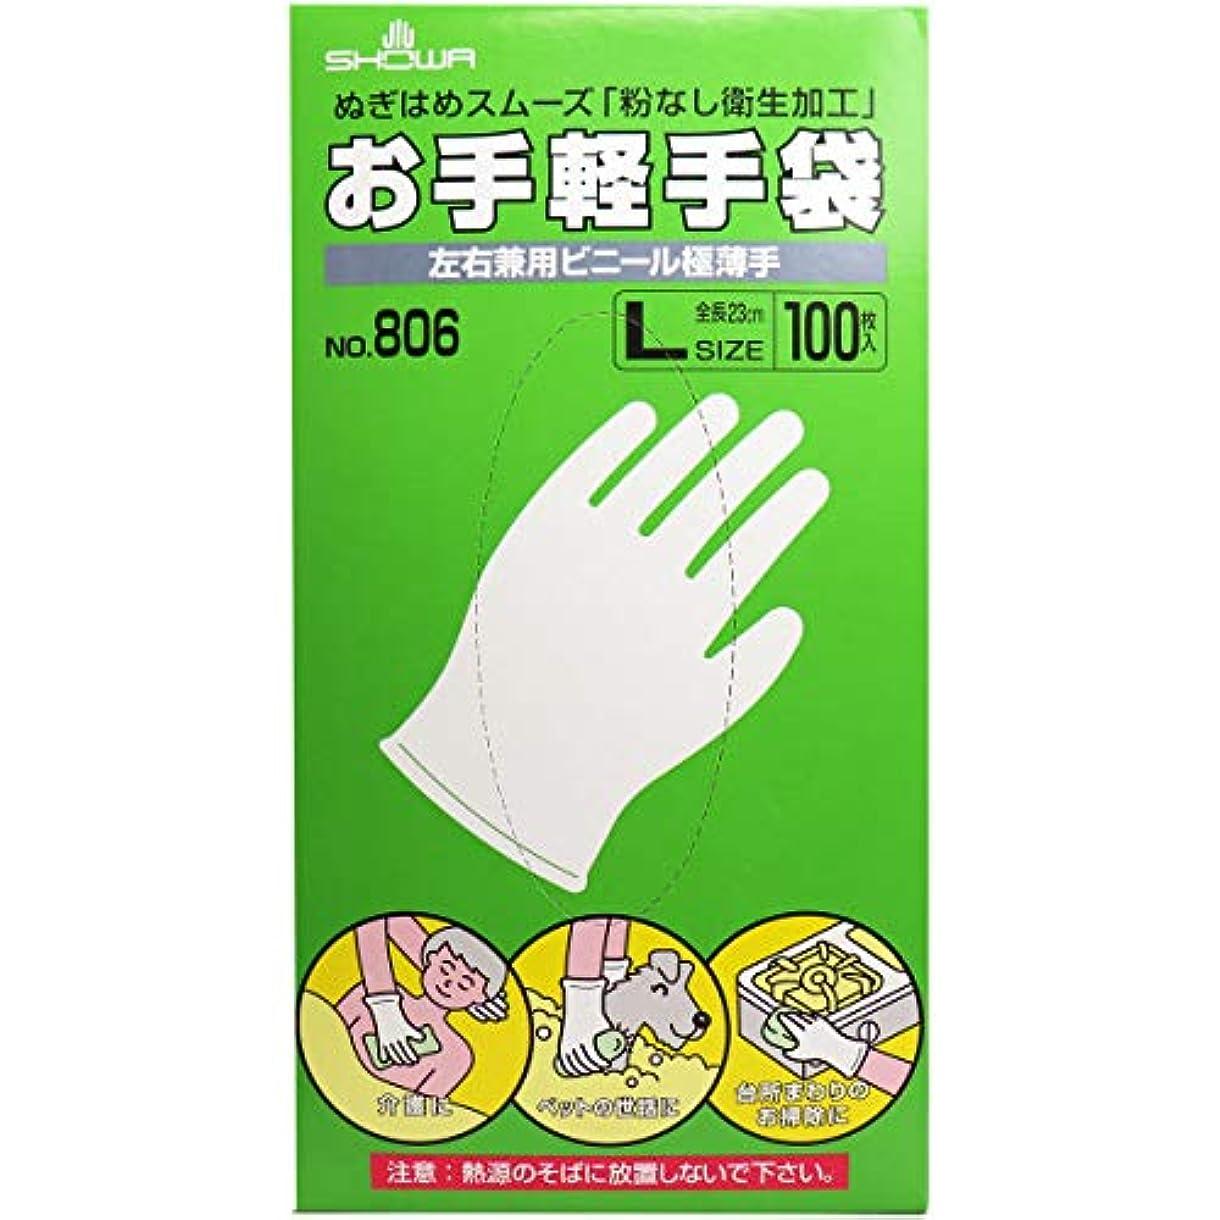 平らにする実際にズボンお手軽手袋 No.806 左右兼用ビニール極薄手 粉なし Lサイズ 100枚入×2個セット